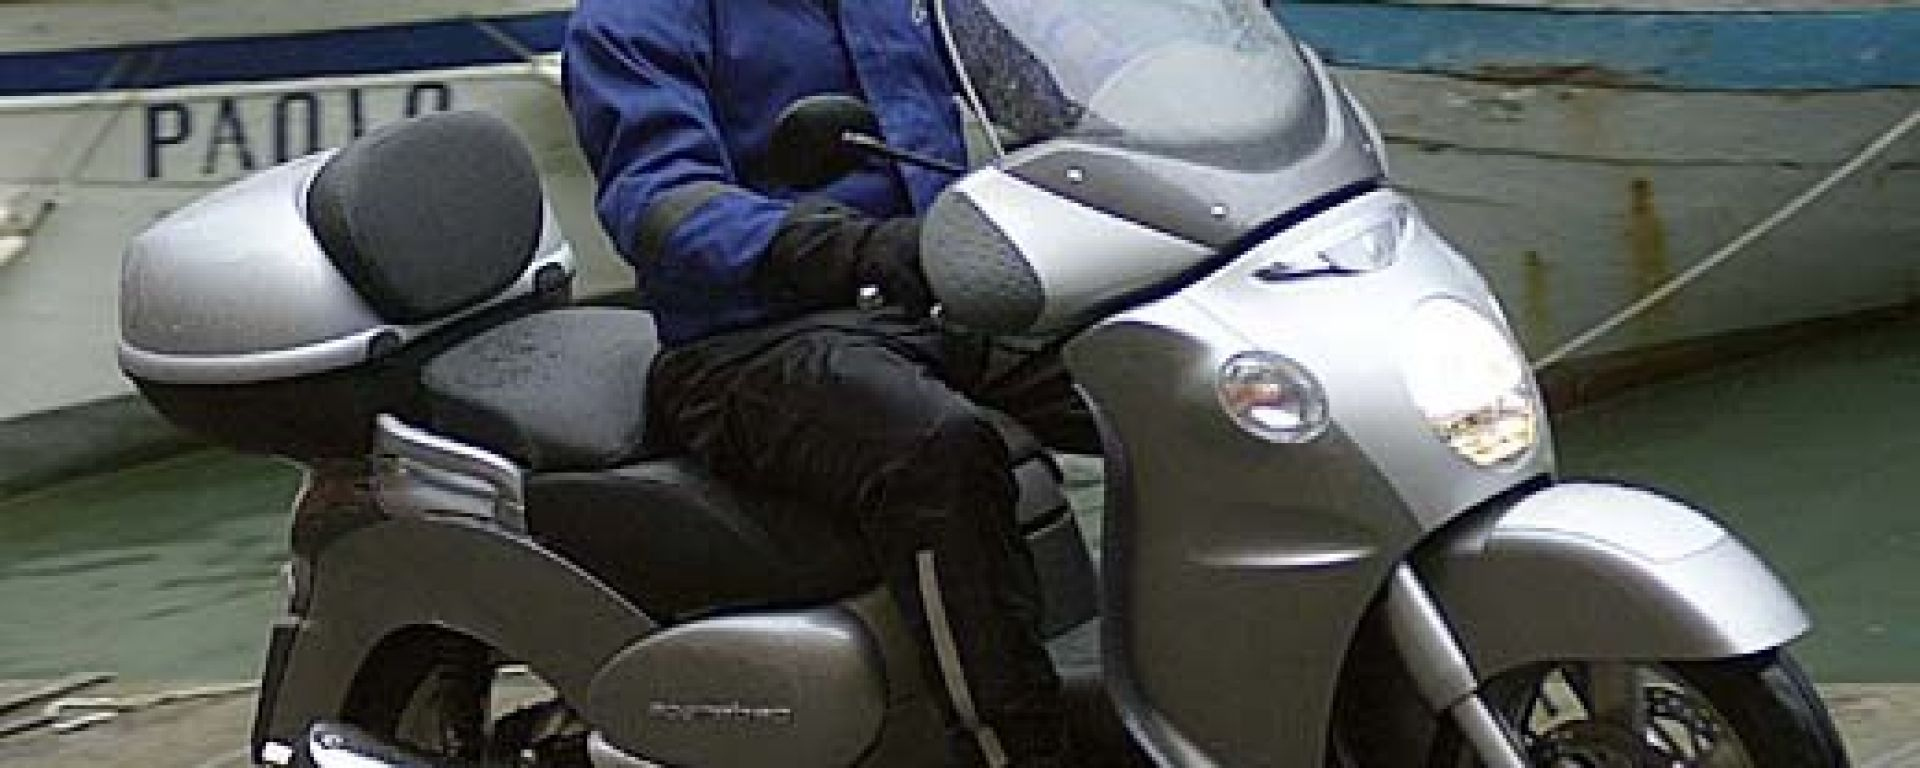 In sella a Aprilia Scarabeo 500